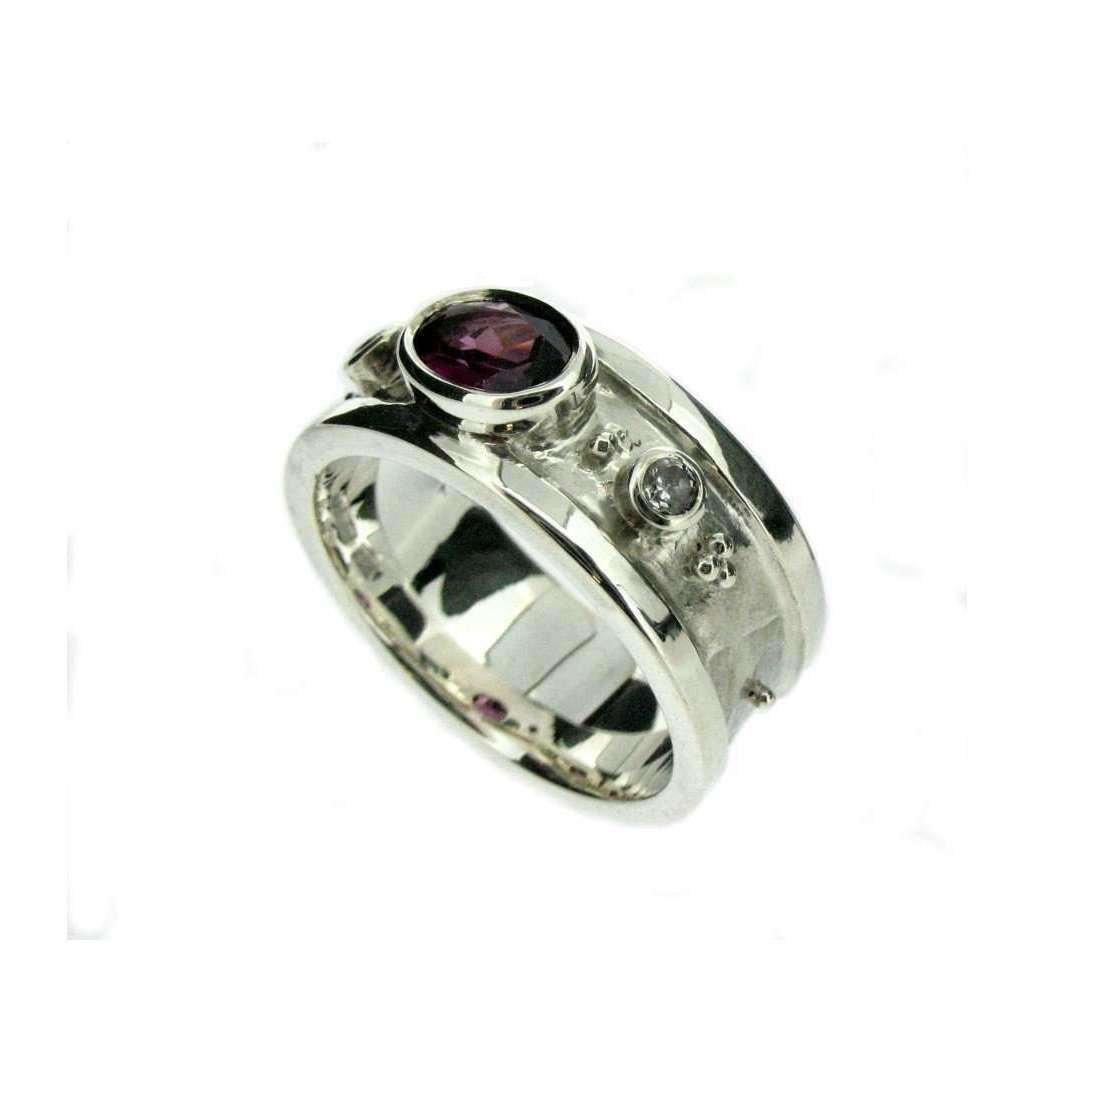 White Gold, Garnet & Diamond Ring - Will Bishop